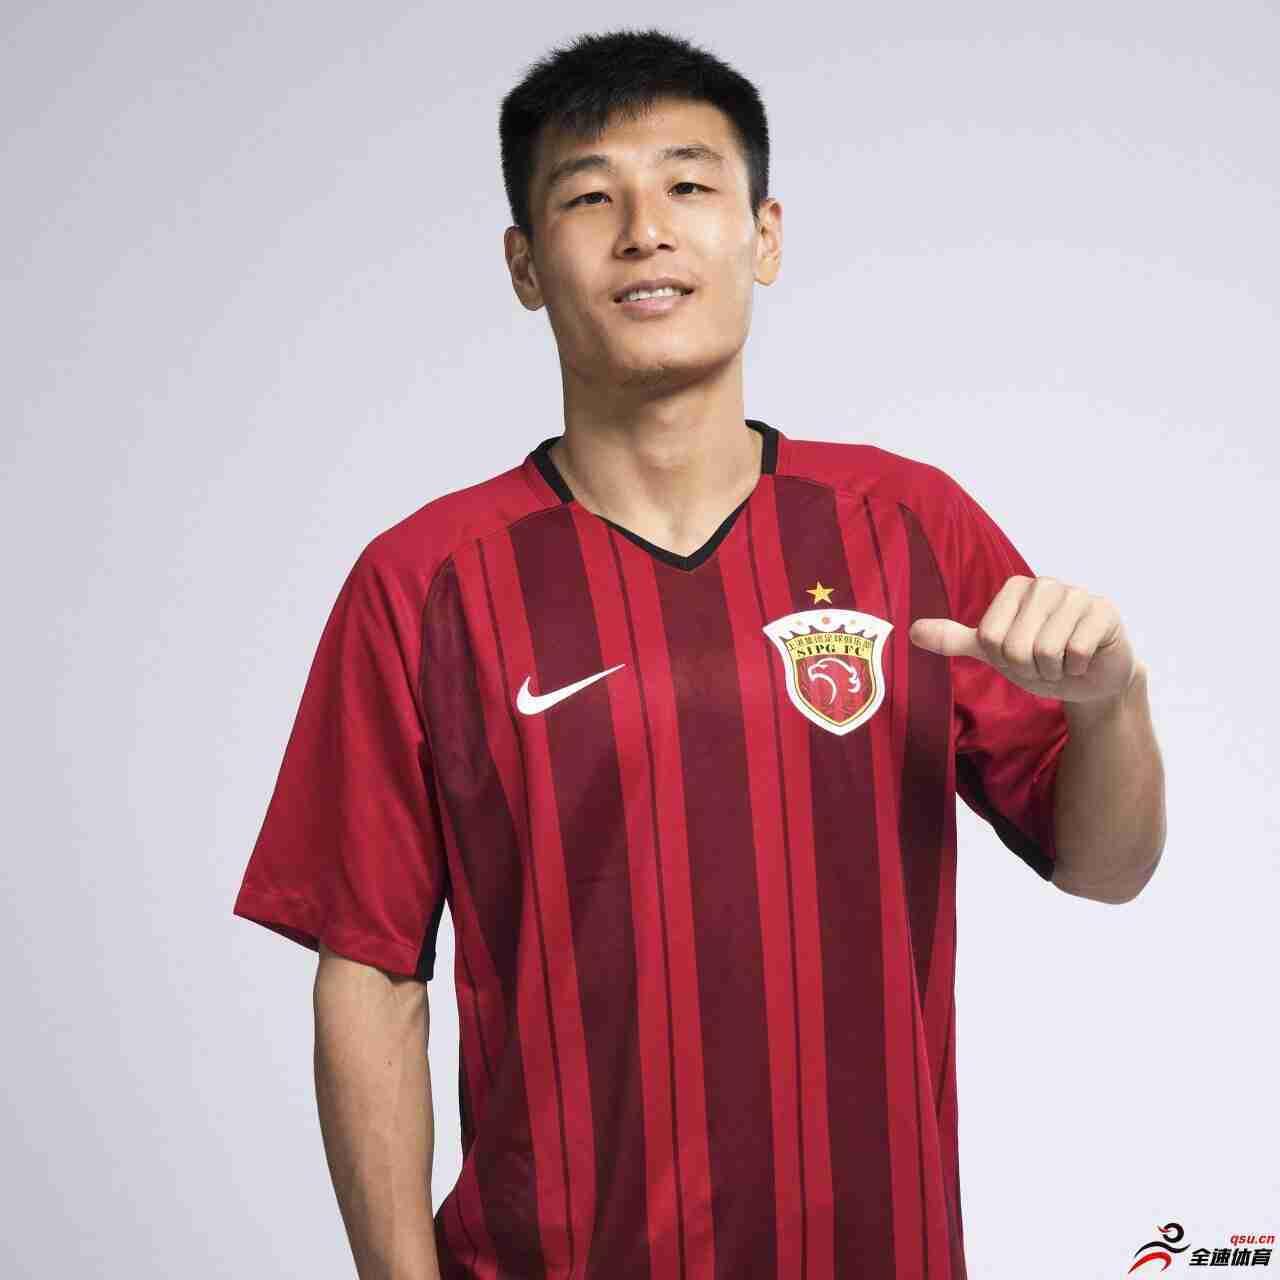 武磊:上港球员心思在足球上,若降薪会坦然接受